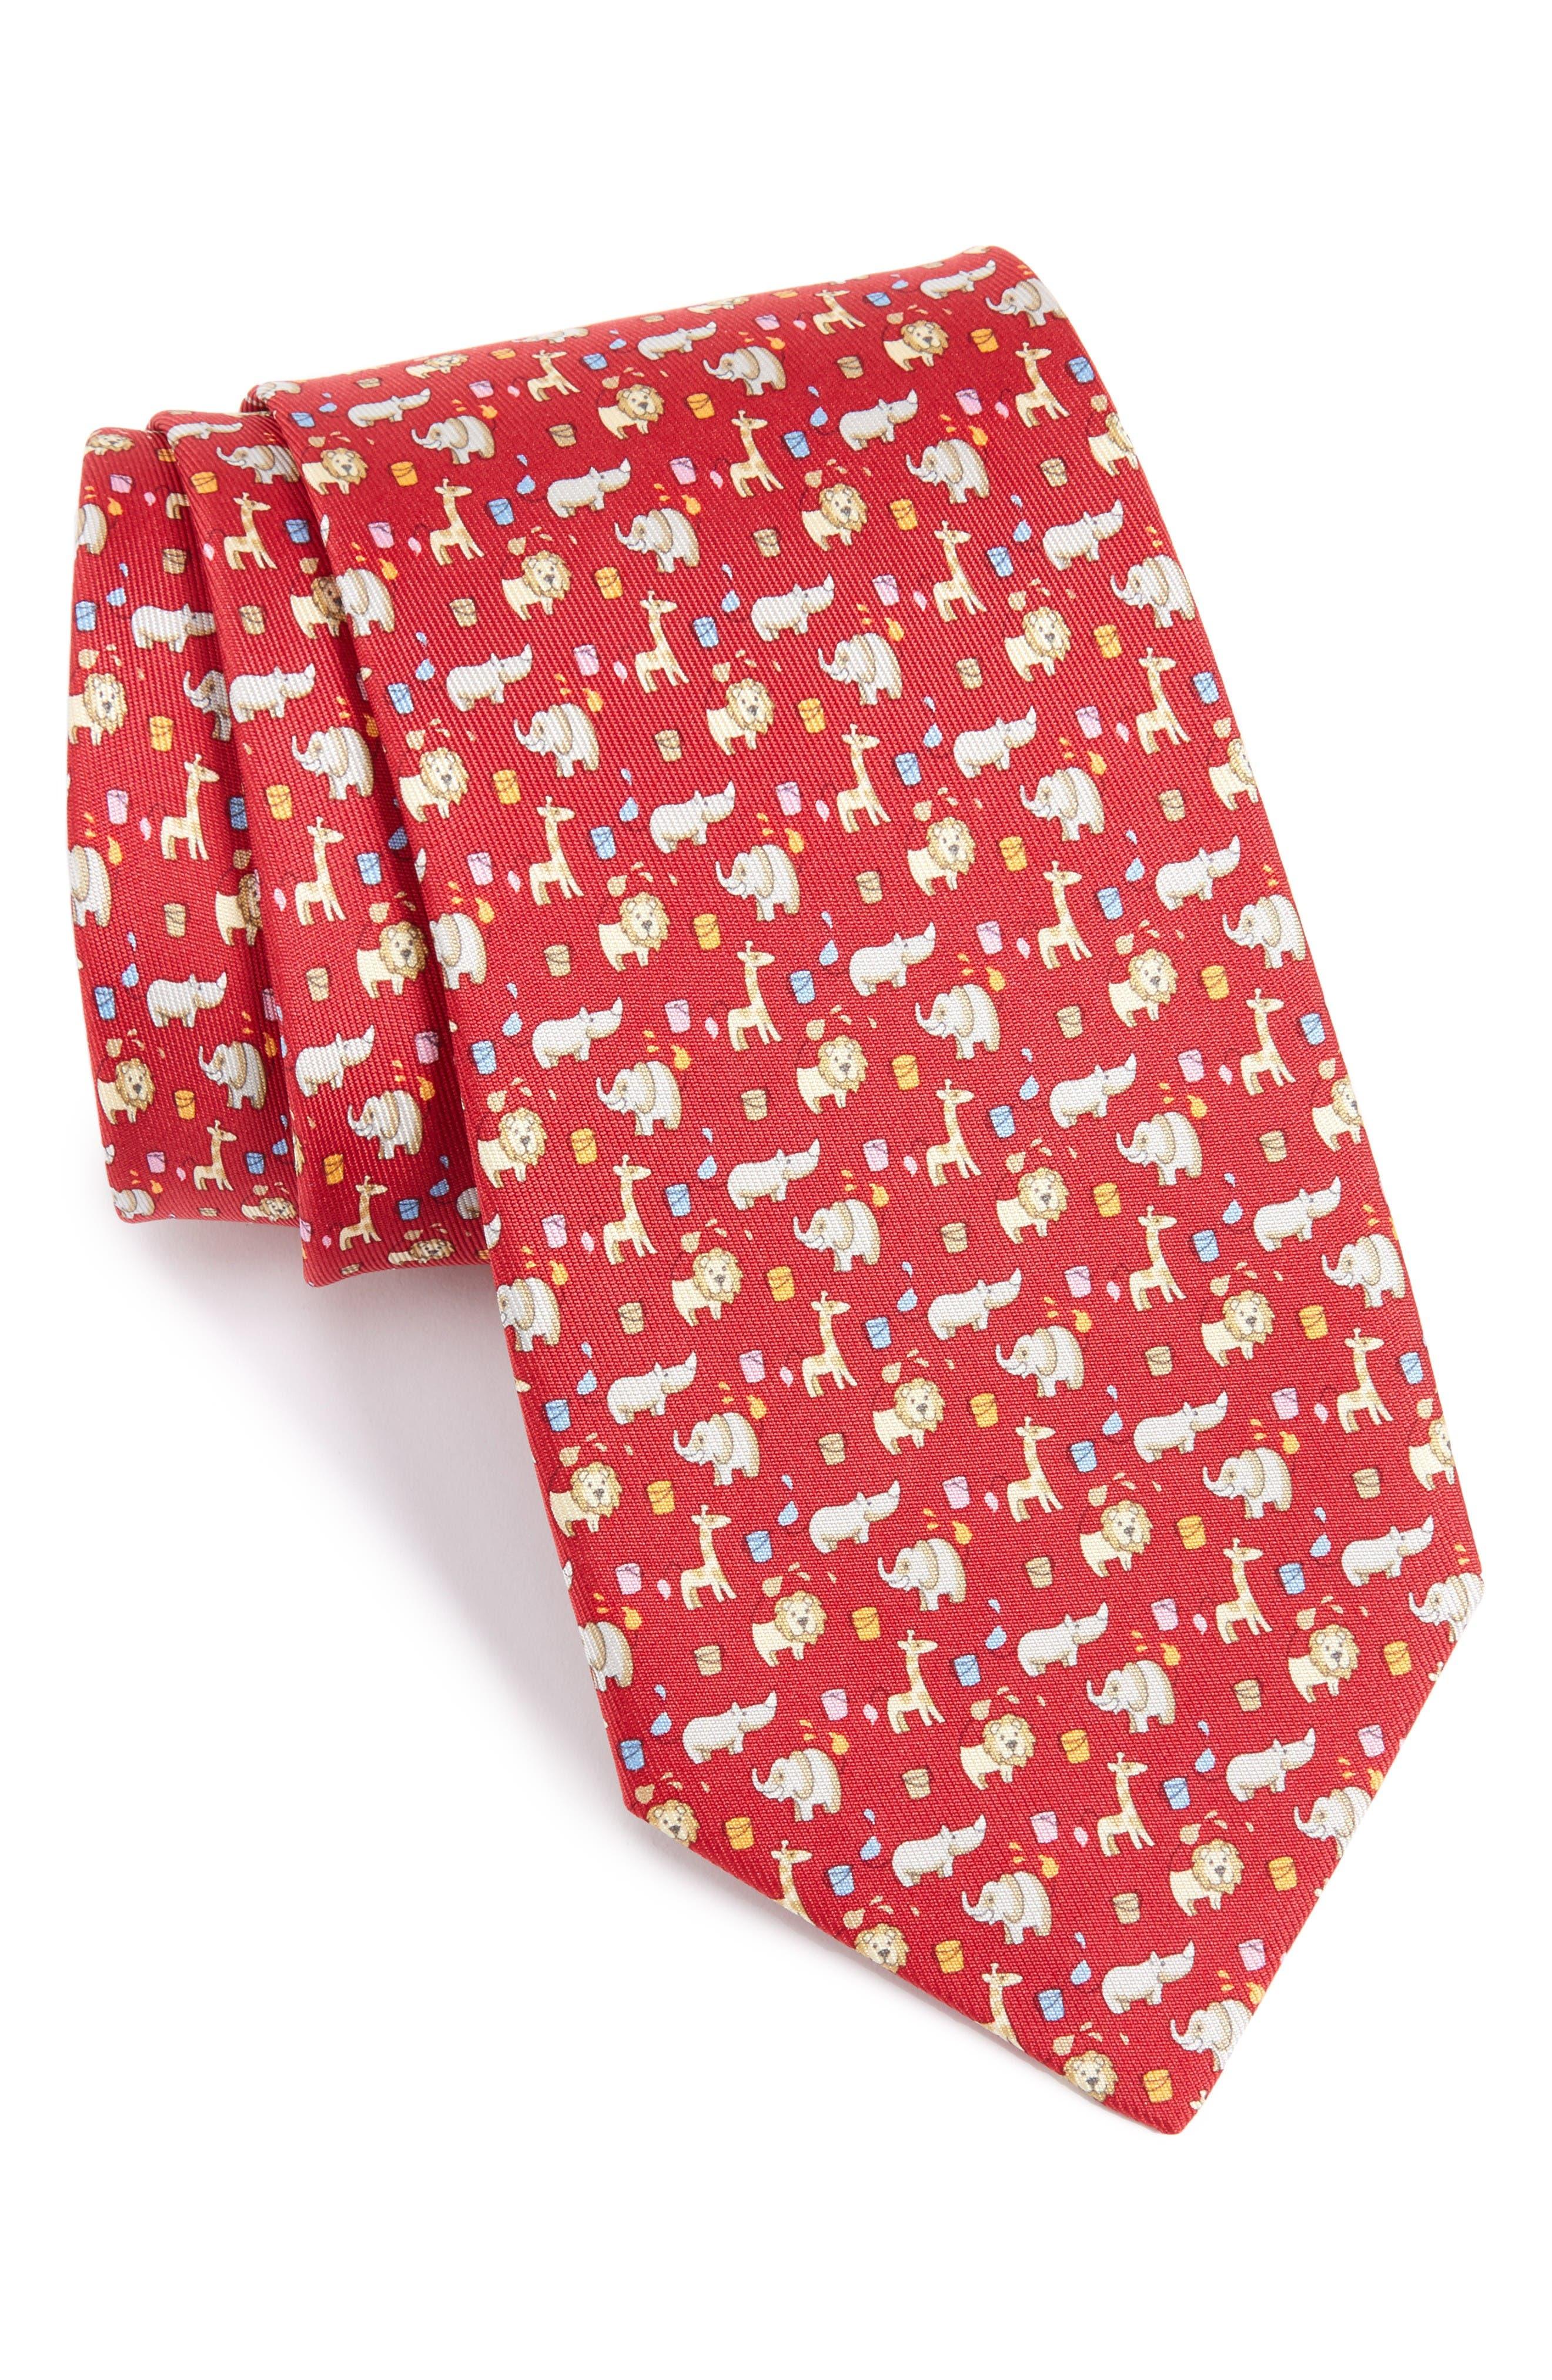 SALVATORE FERRAGAMO Circus Animals Woven Silk Tie